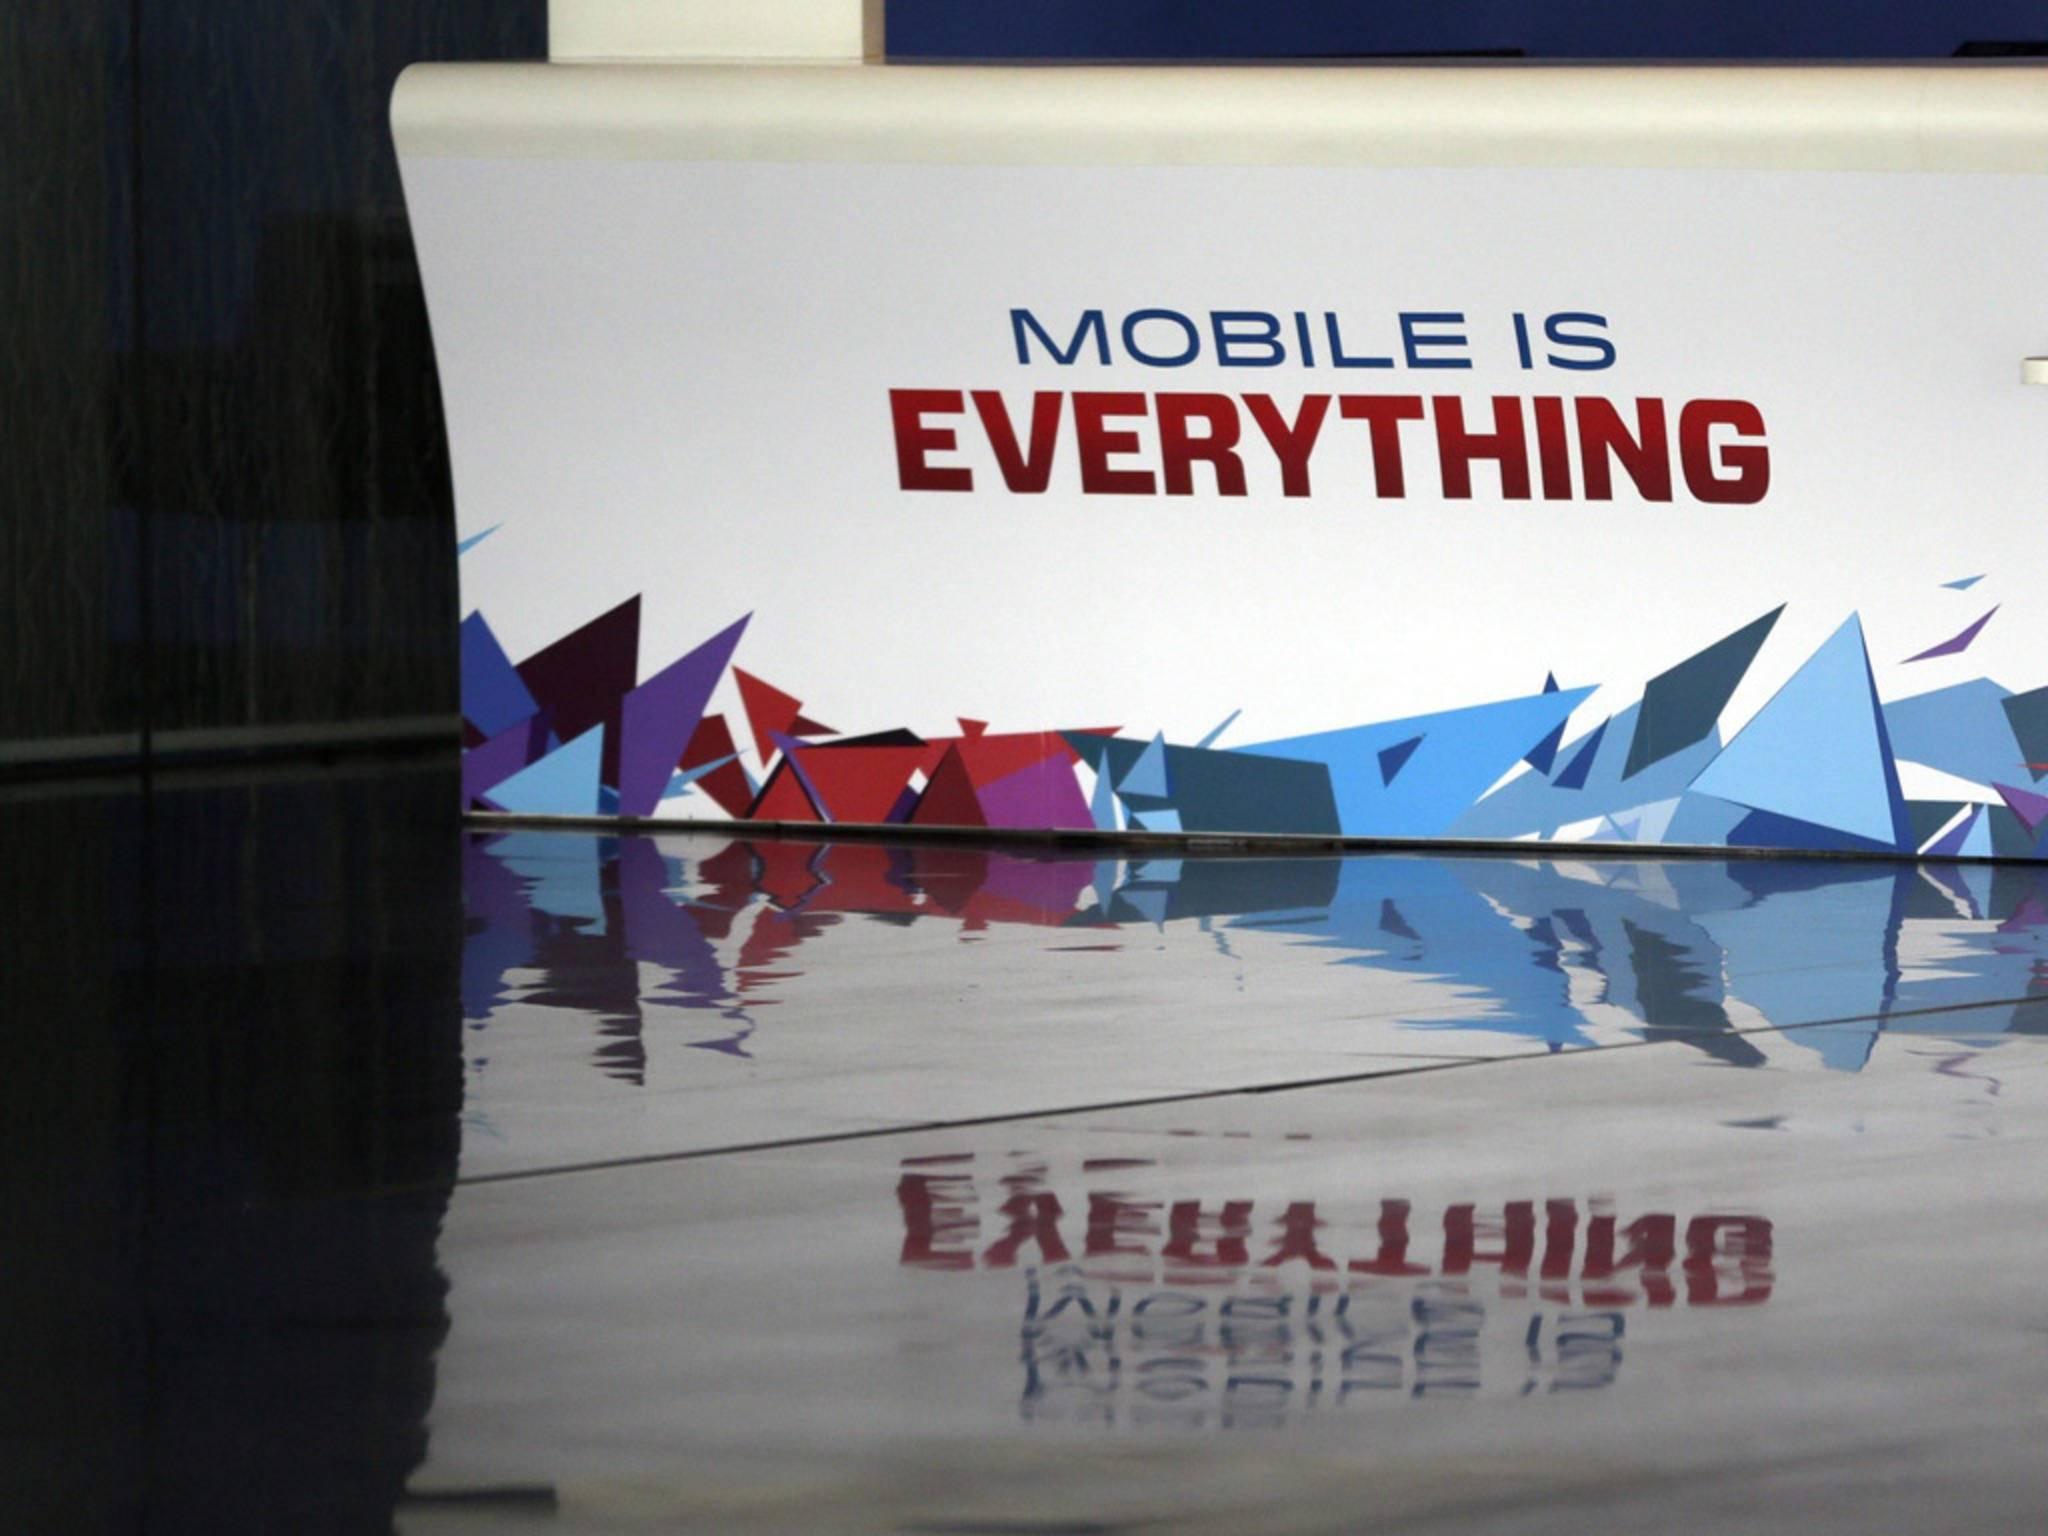 Der Mobile World Congress 2016 war das Thema der Woche.